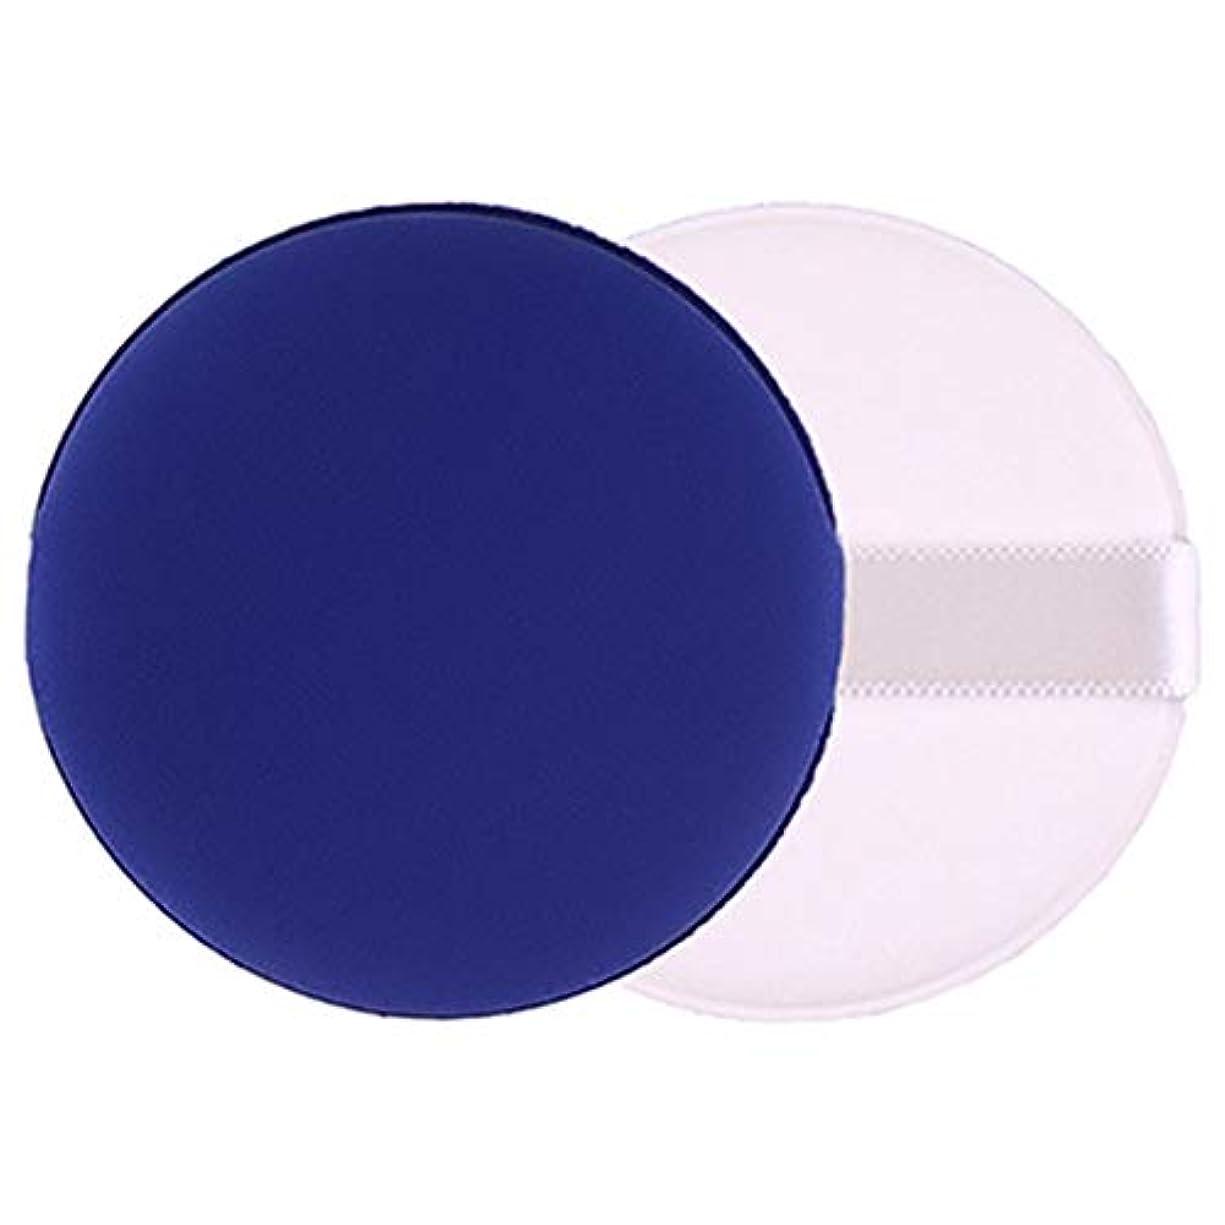 幸運なホラー複合エアクッションパフ 2個 クリーム アプリケーター スポンジ パフ フェイシャル 乾湿両用 多用途 パウダーパフパッド クッションファンデーション 化粧ツール 全4色